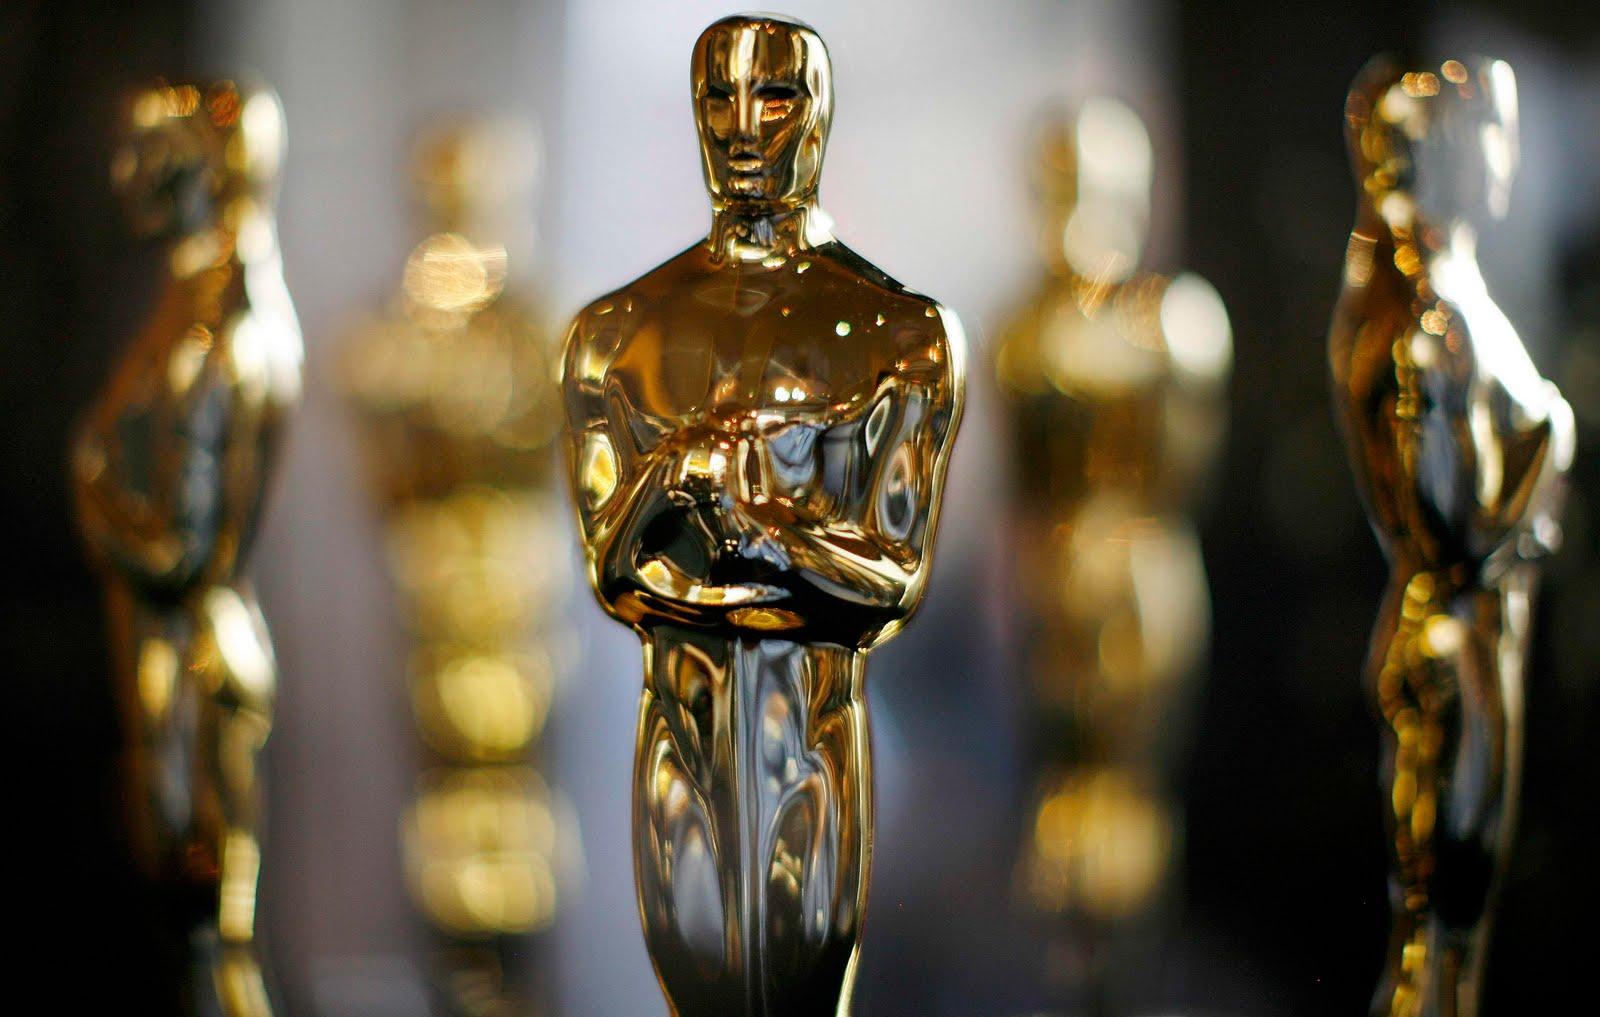 5 curiosidades sobre la estatuilla de los Óscar que no conocías